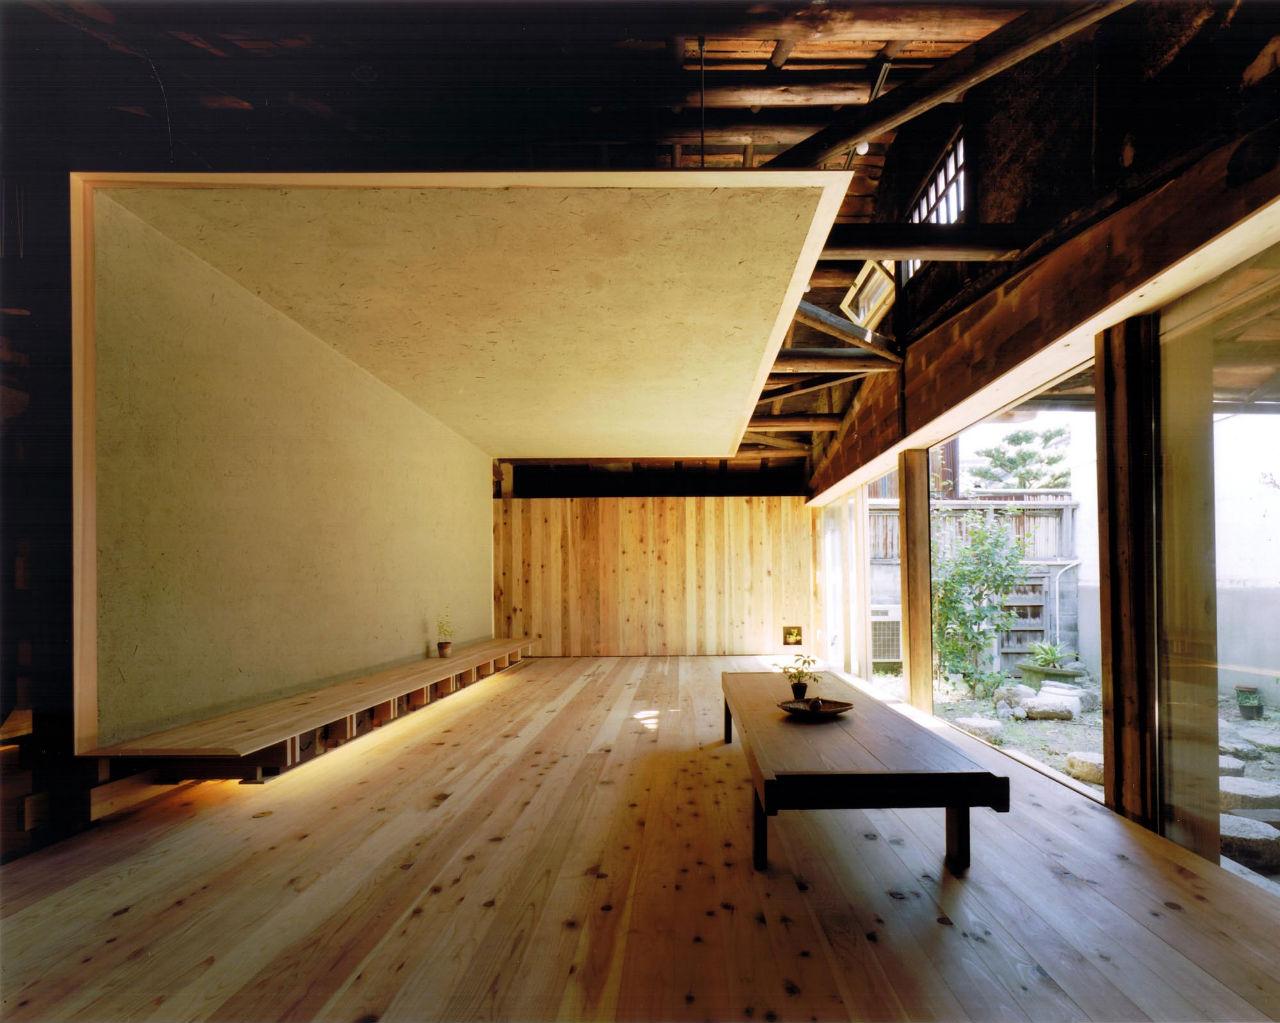 Wood Old House / Tadashi Yoshimura Architects, © Hitoshi Kawamoto